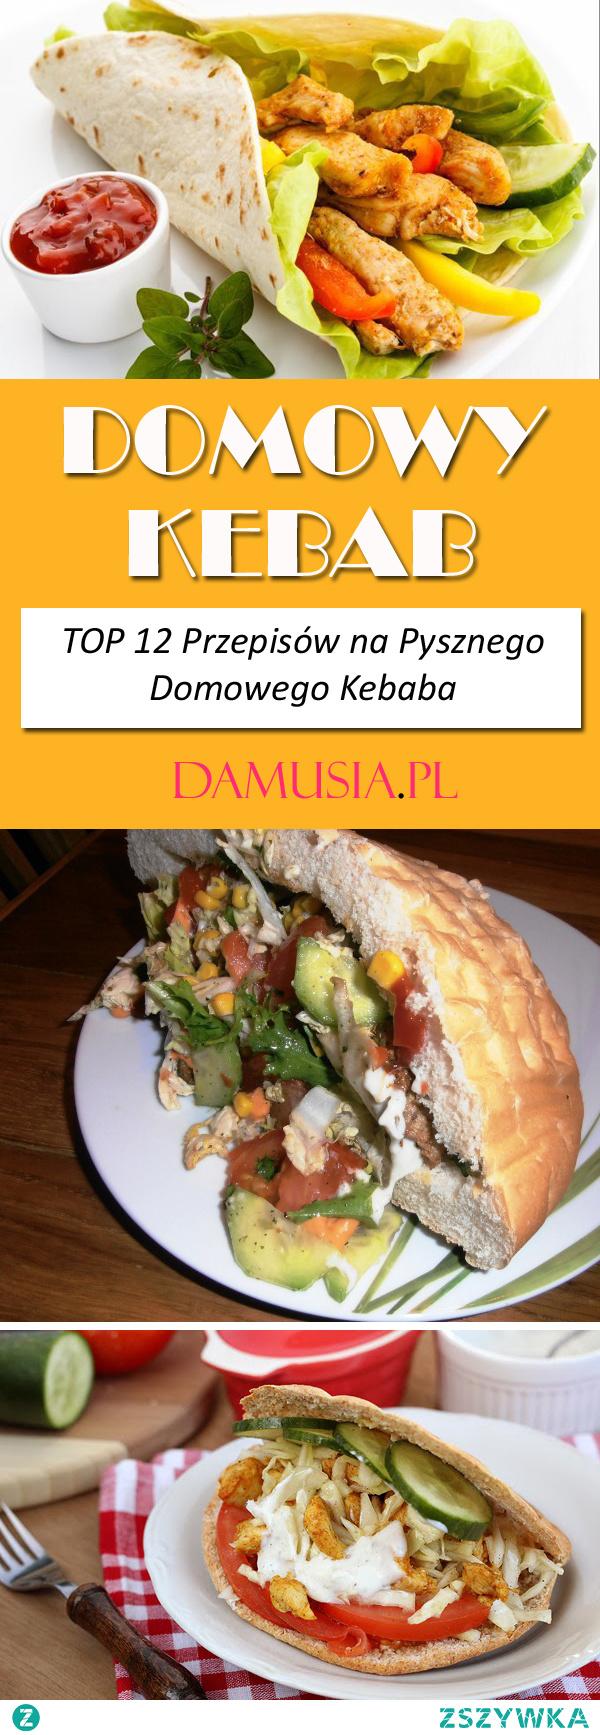 Domowy Kebab – TOP 12 Przepisów na Pysznego Domowego Kebaba